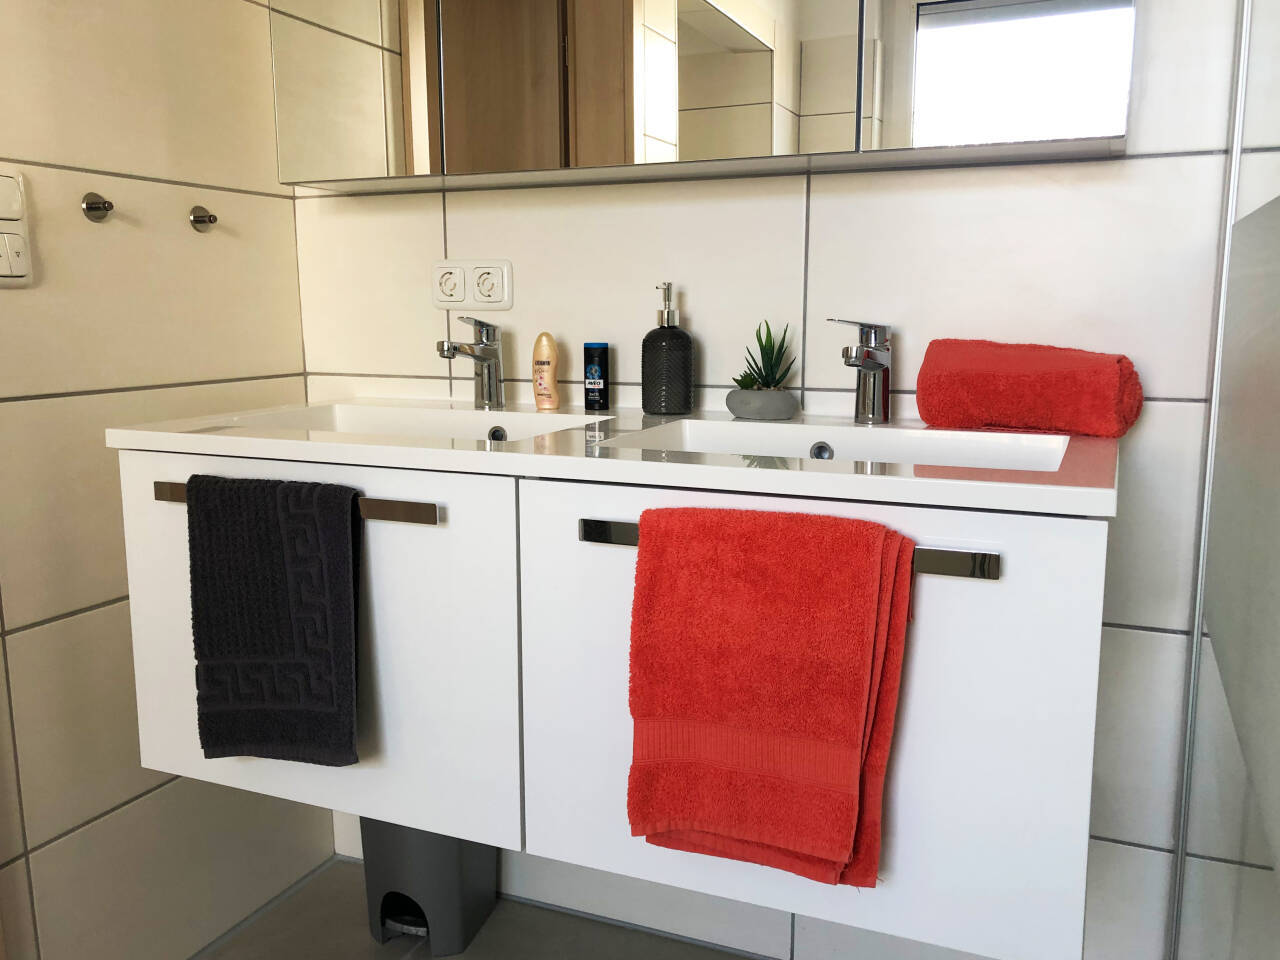 Helles freundliches großes Badezimmer Monteur und Ferienwohnung